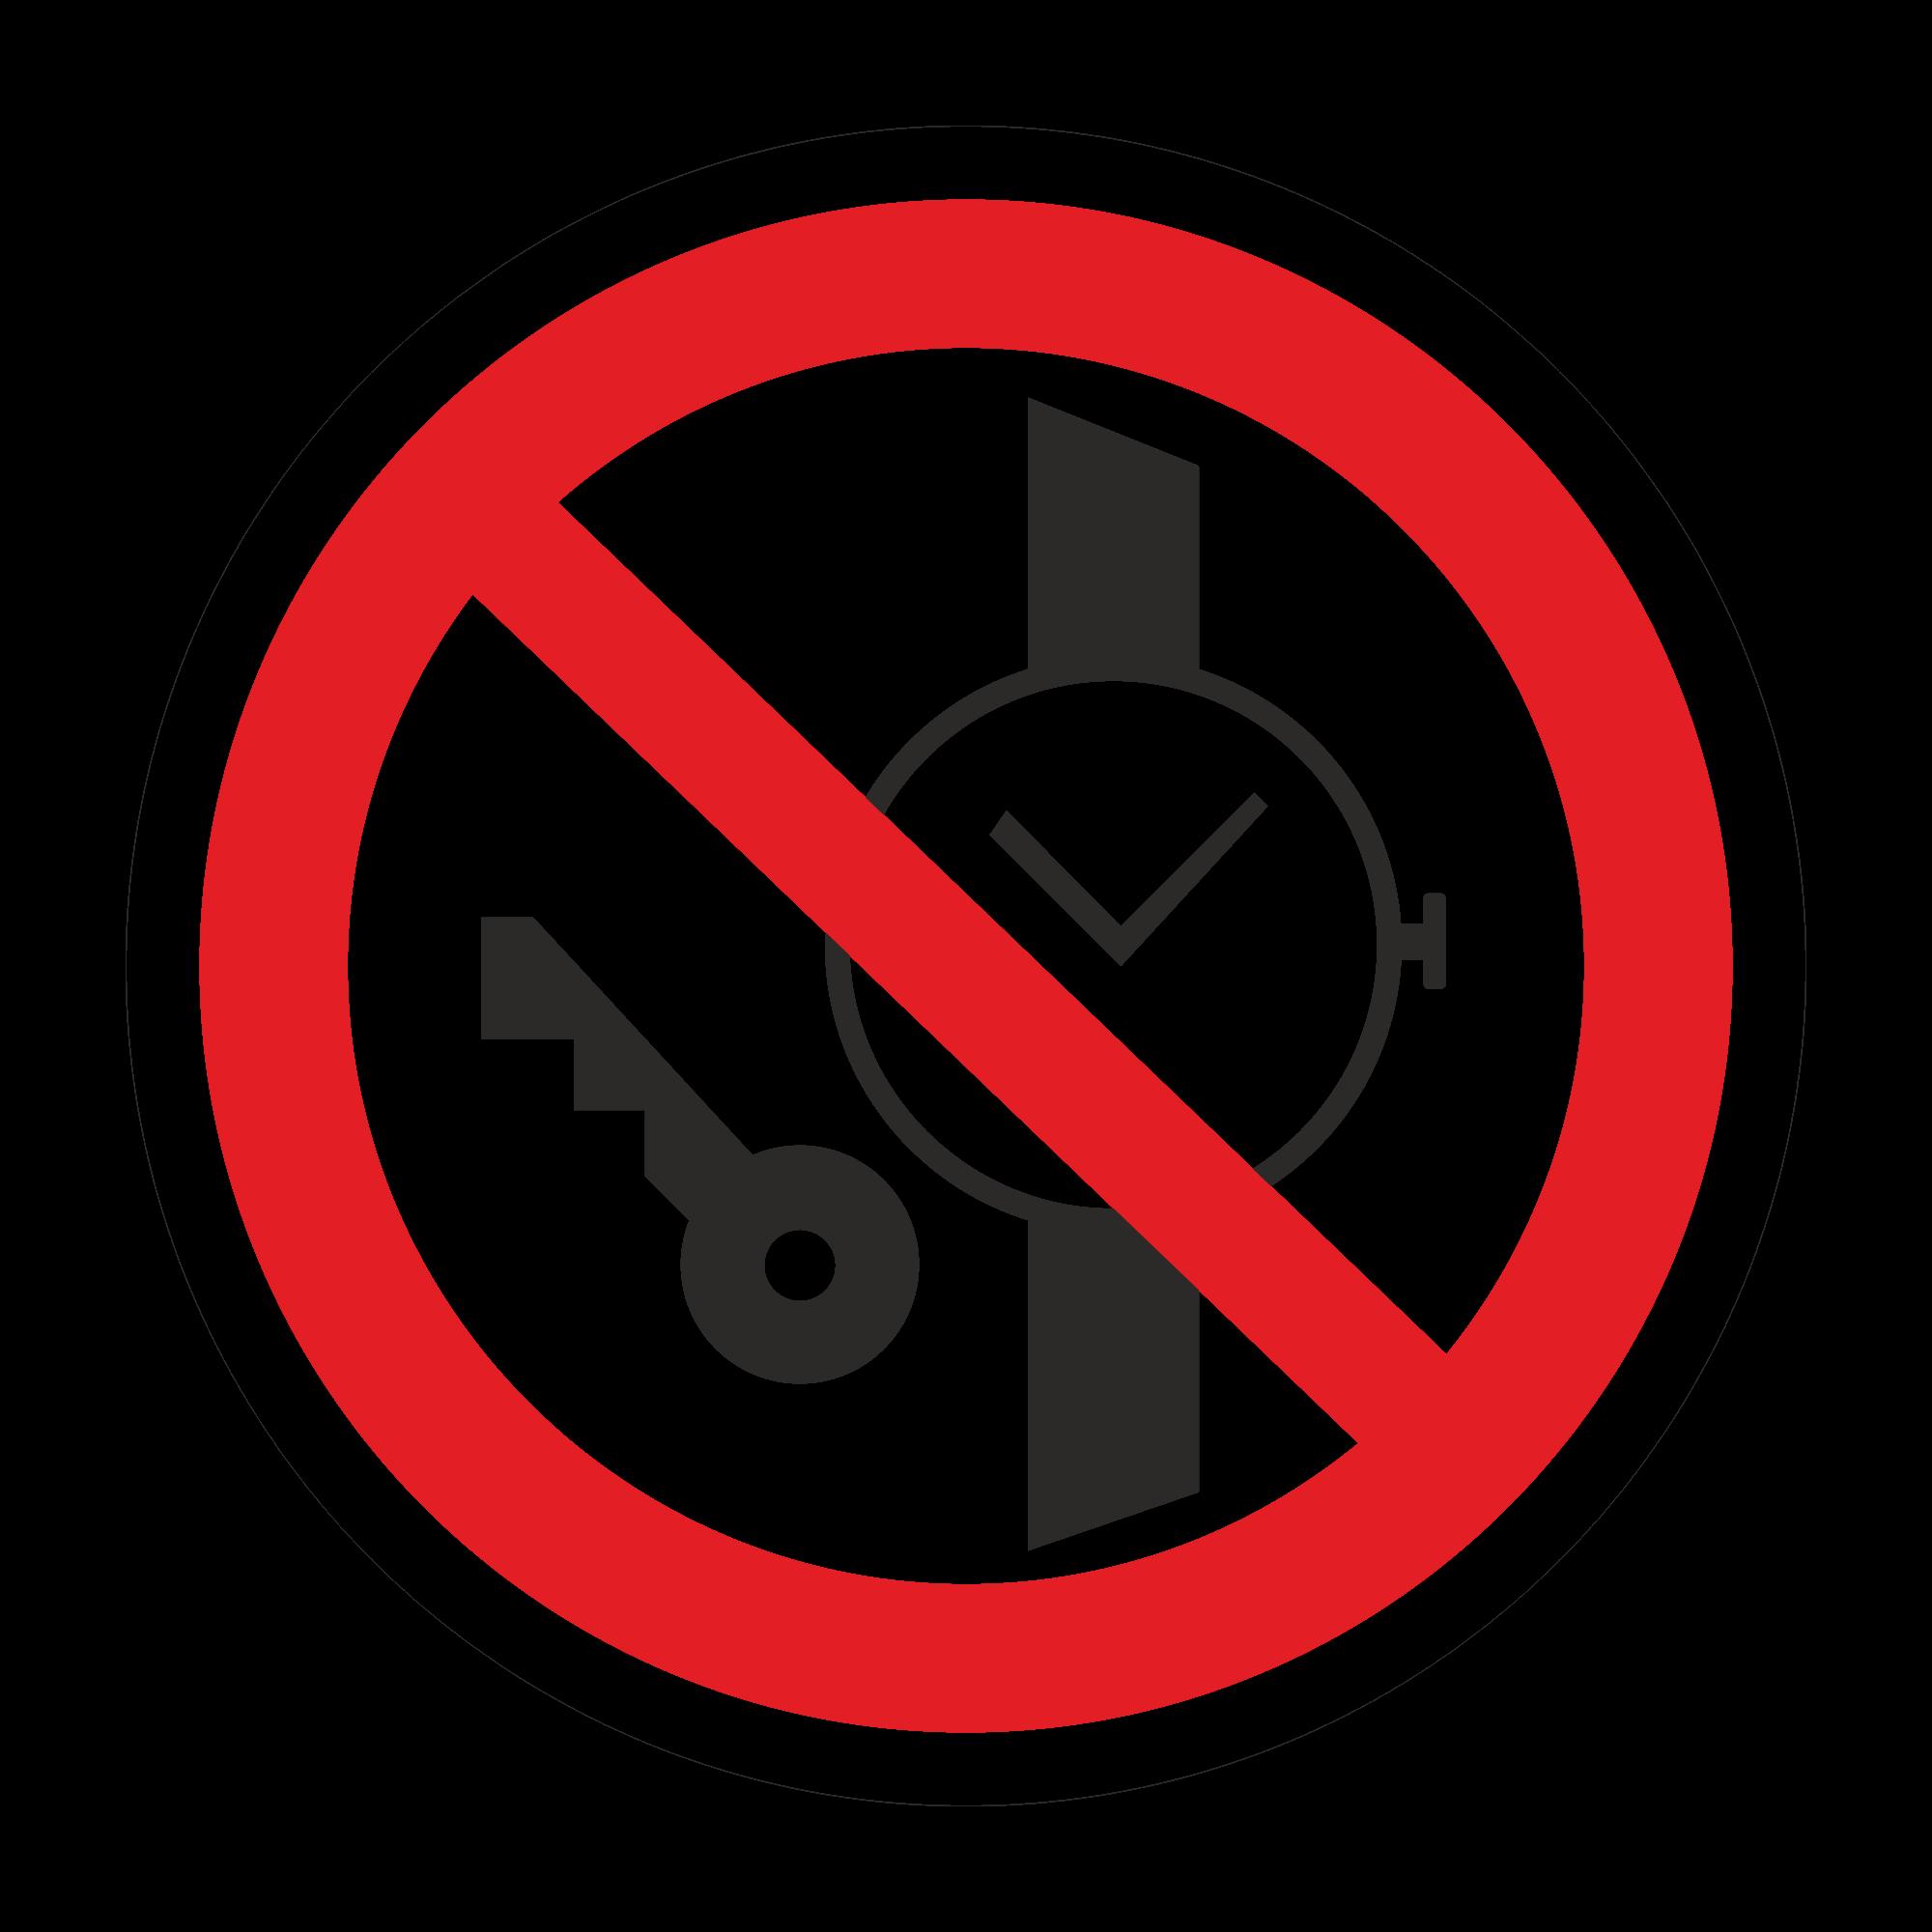 Запрещается иметь при (на) себе металлические предметы